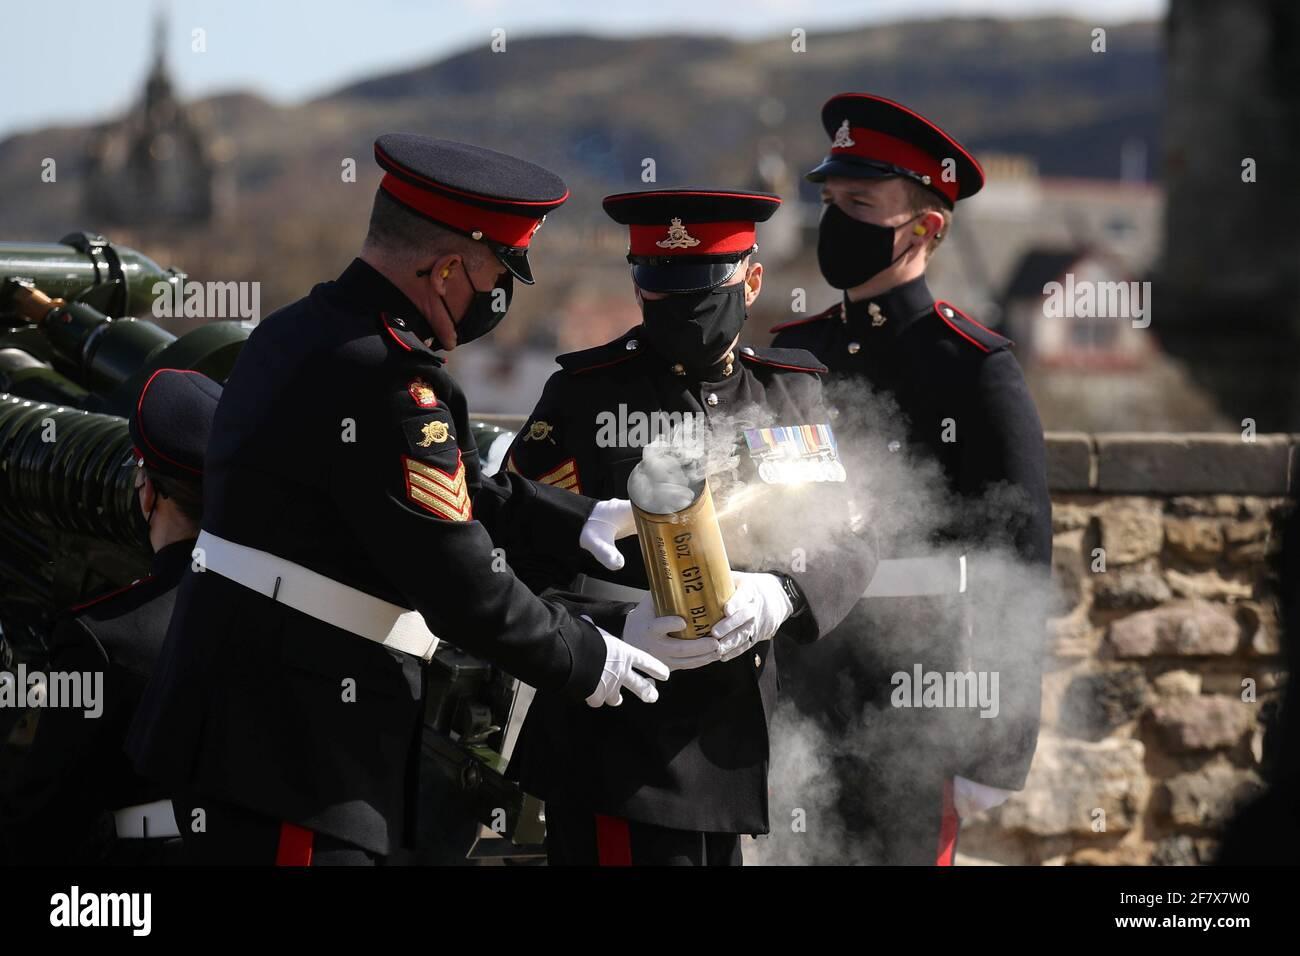 I membri del 105° Reggimento reale artiglieria sparano un saluto da armi per celebrare la morte del Principe Filippo, marito della Regina Elisabetta, al Castello di Edimburgo, in Gran Bretagna, il 10 aprile 2021. Andrew Milligan/Pool via REUTERS Foto Stock